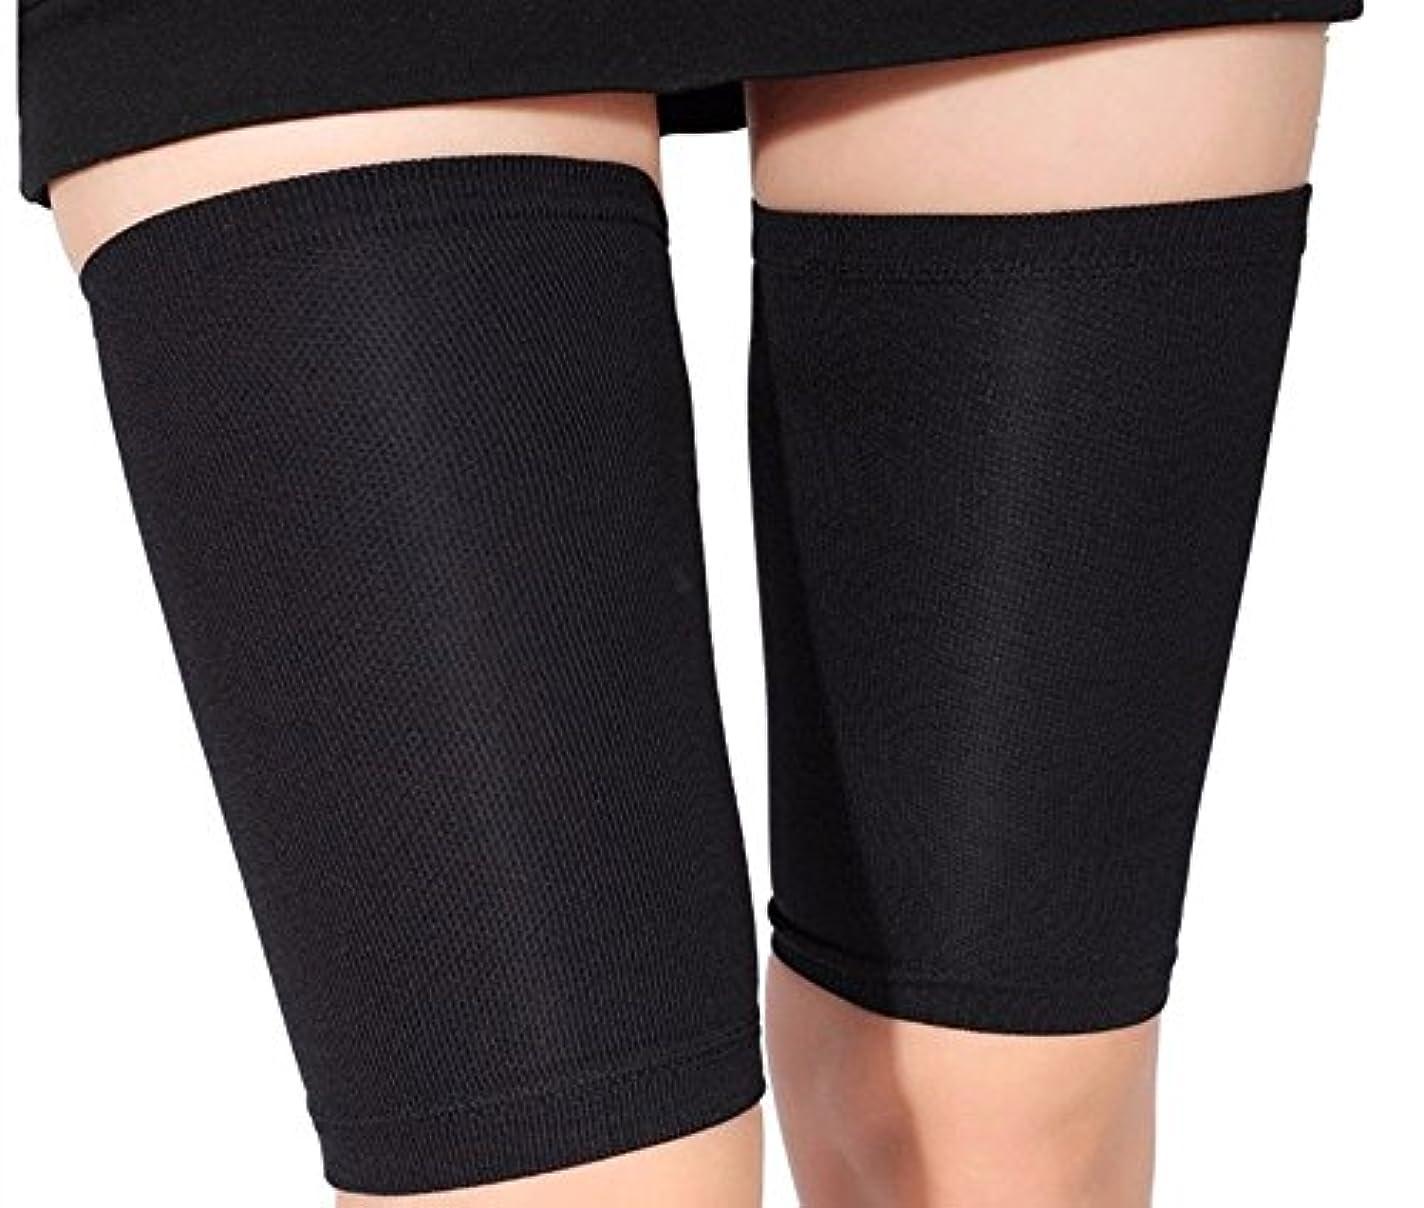 スーダン赤外線スツール太もも燃焼 むくみ セルライト 除去 婦人科系 に作用 両足セット